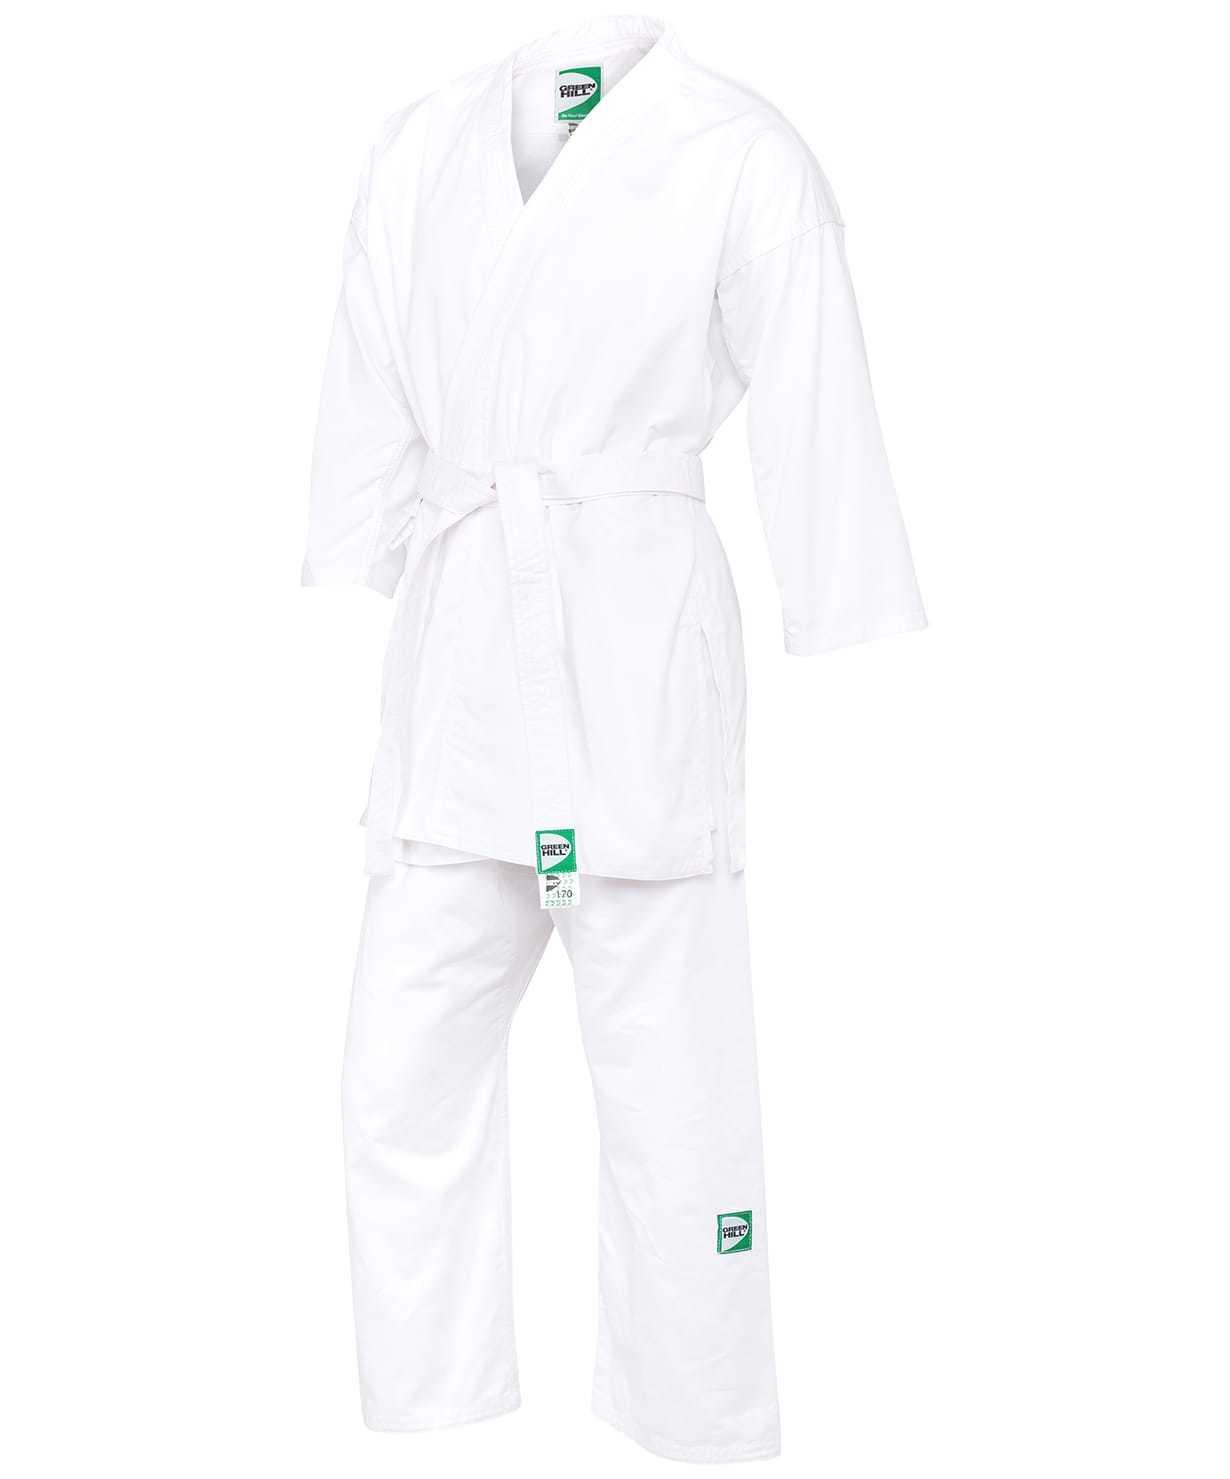 Кимоно Кимоно для карате Start Green Hill bdeb60e75b23d1aa27bae6ce534777c3.jpg